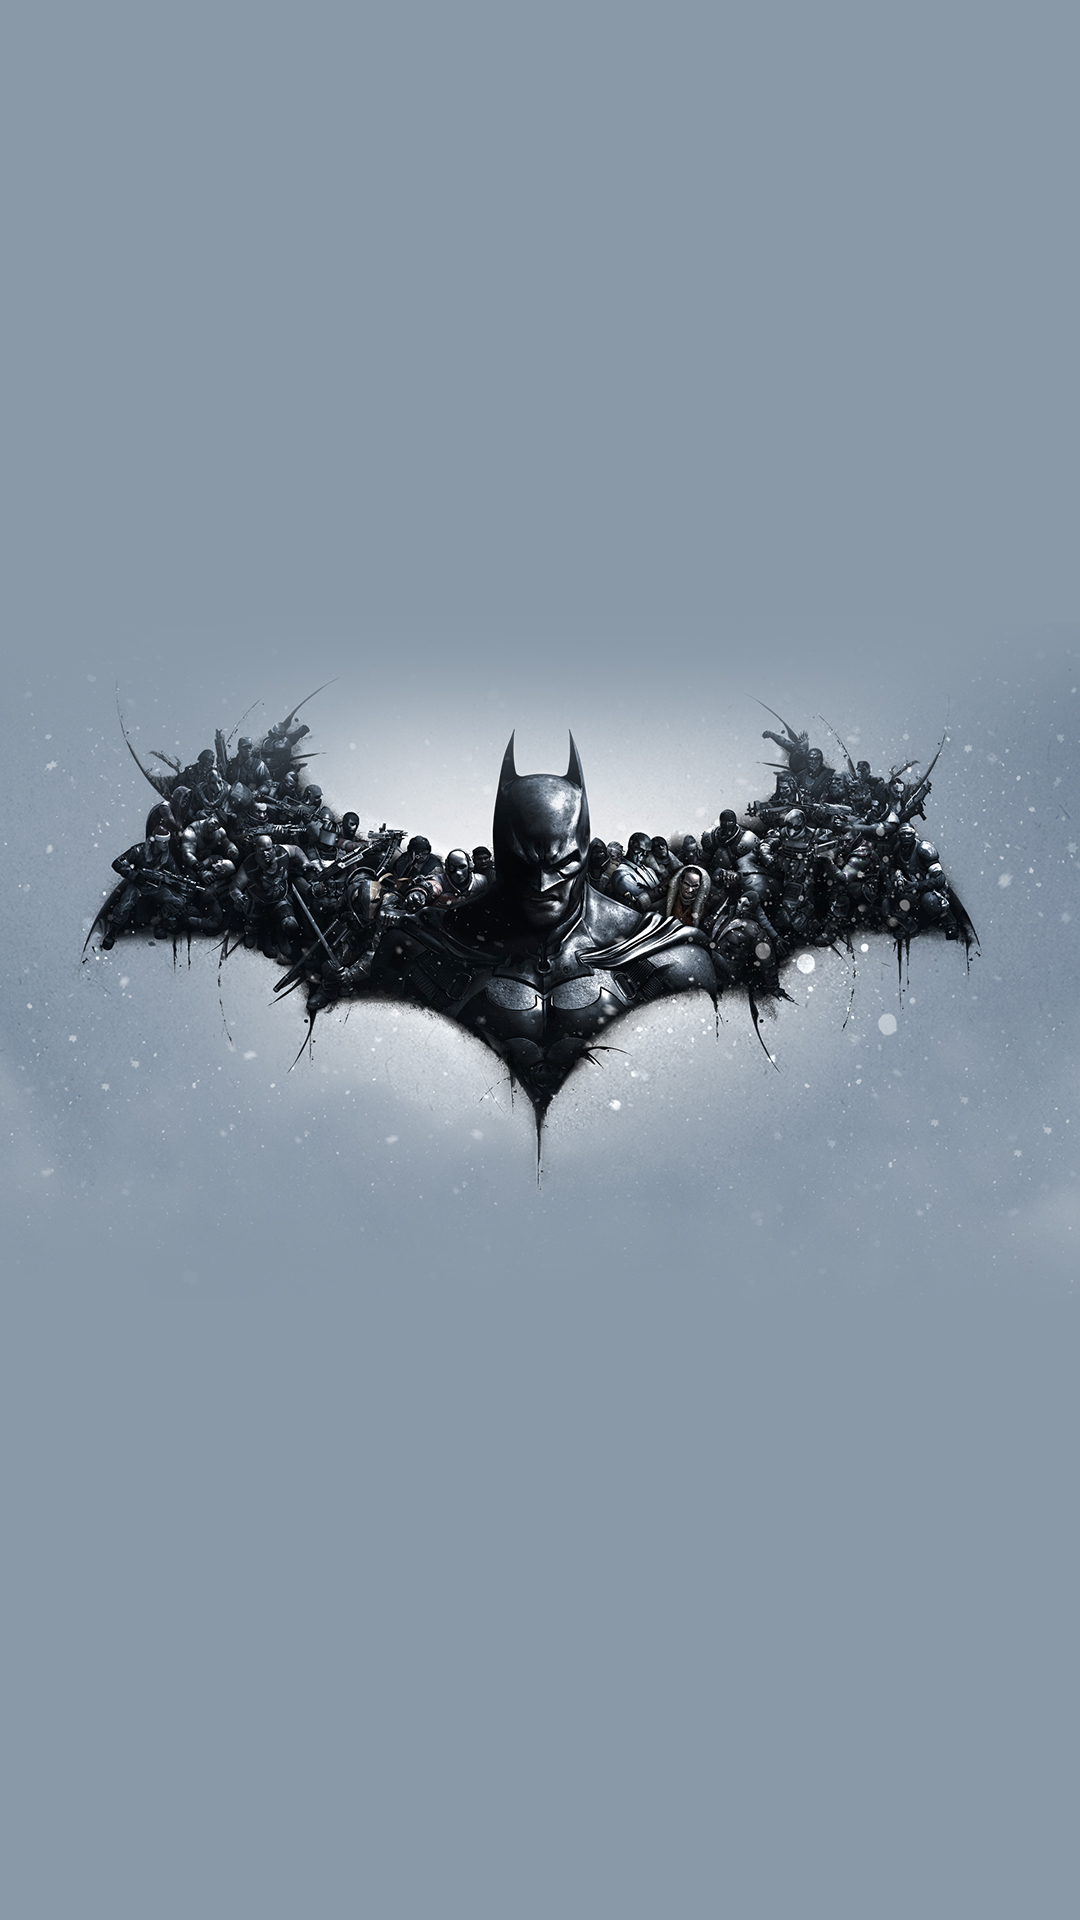 batman mobile wallpaper hd